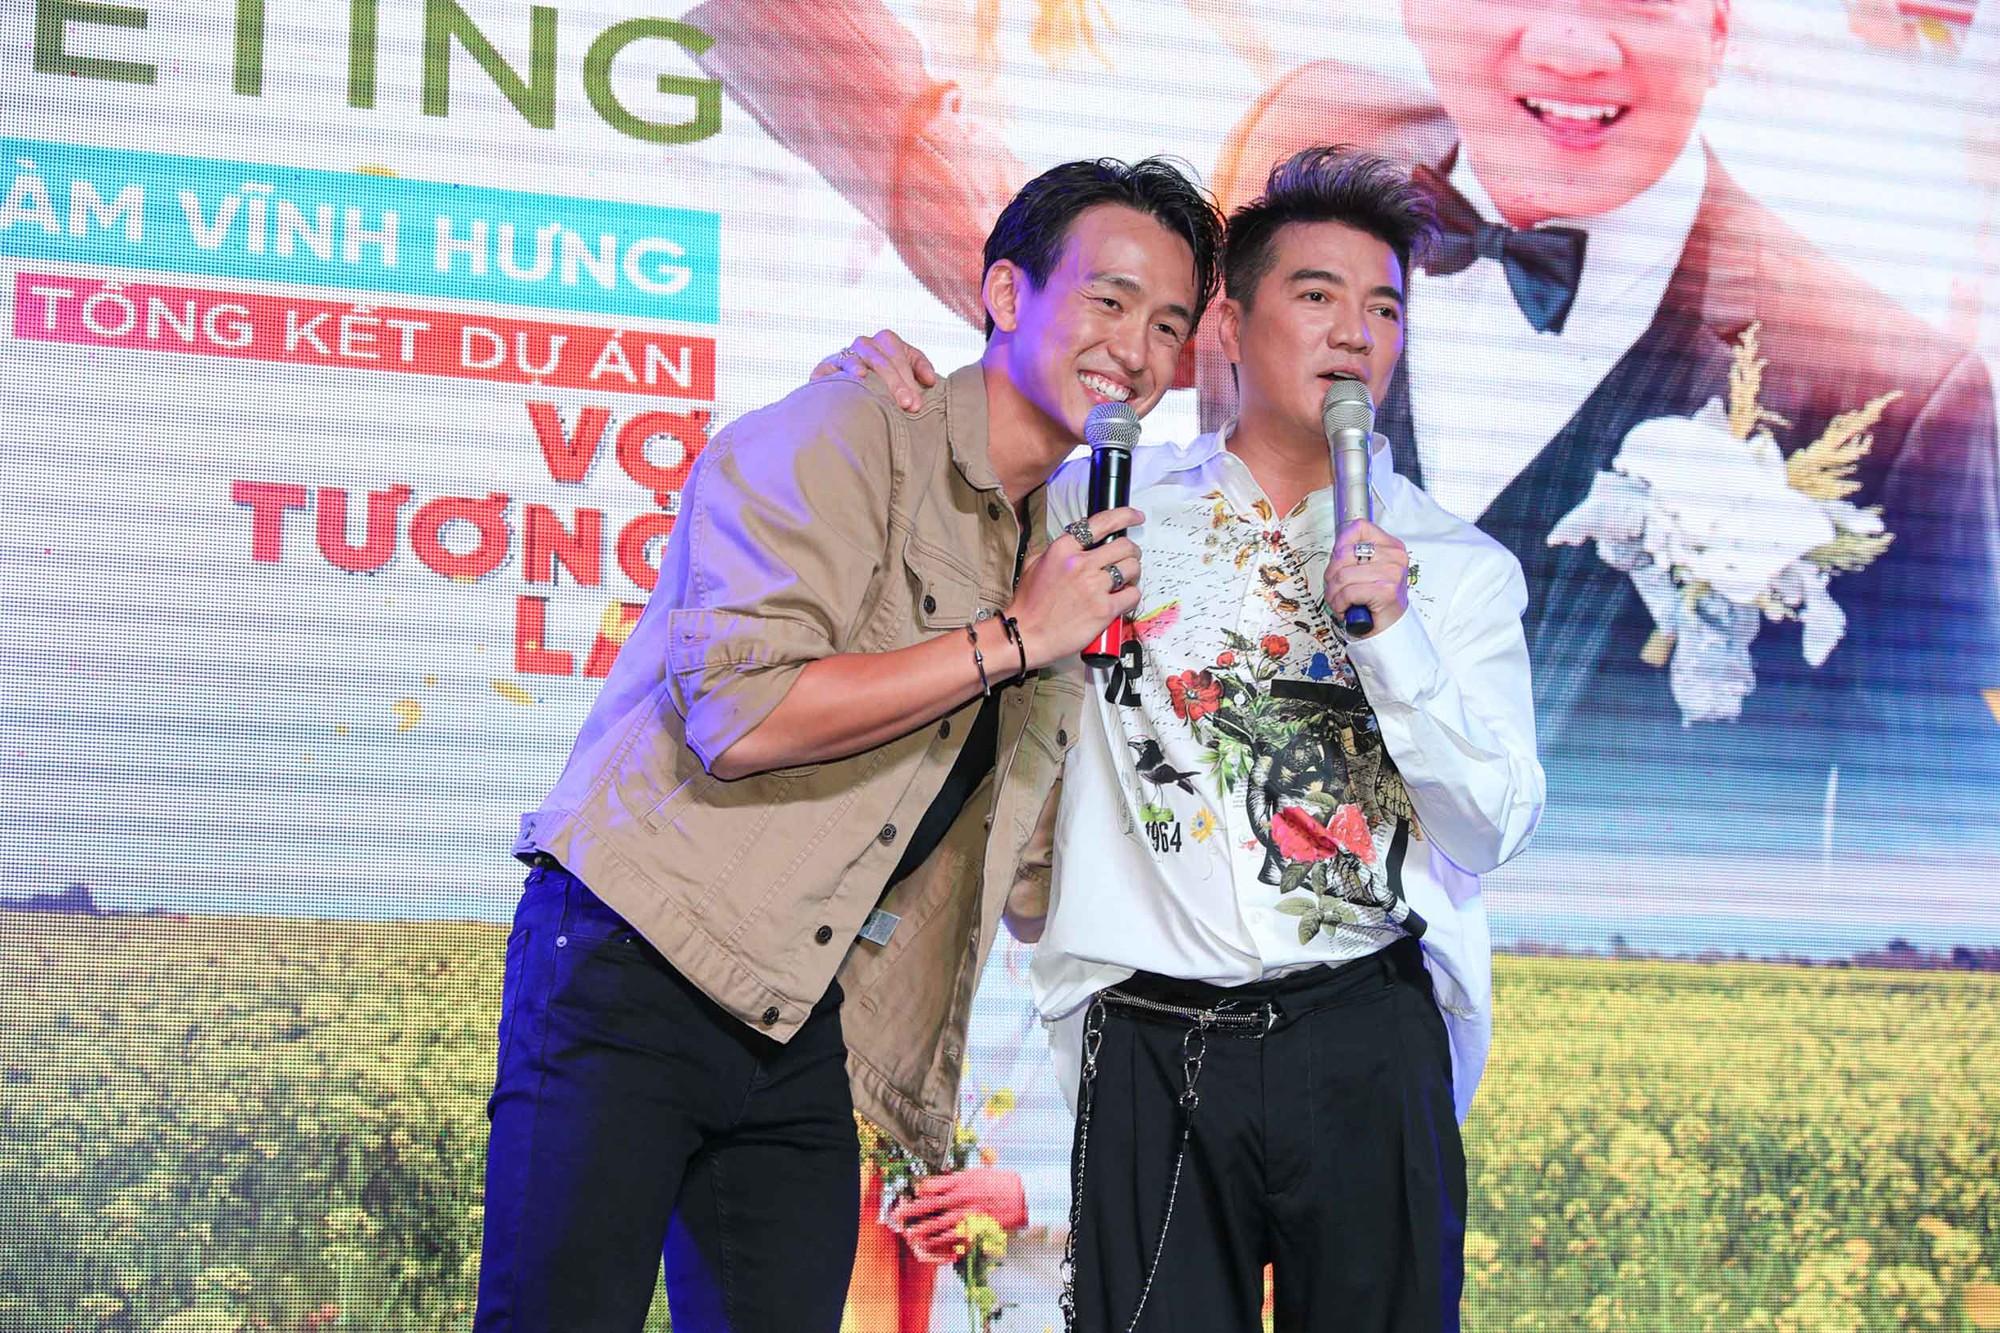 Xúc động câu chuyện chàng trai khuyết tật vượt 12 tiếng từ Đồng Nai lên TP HCM gặp Đàm Vĩnh Hưng - Hình 2